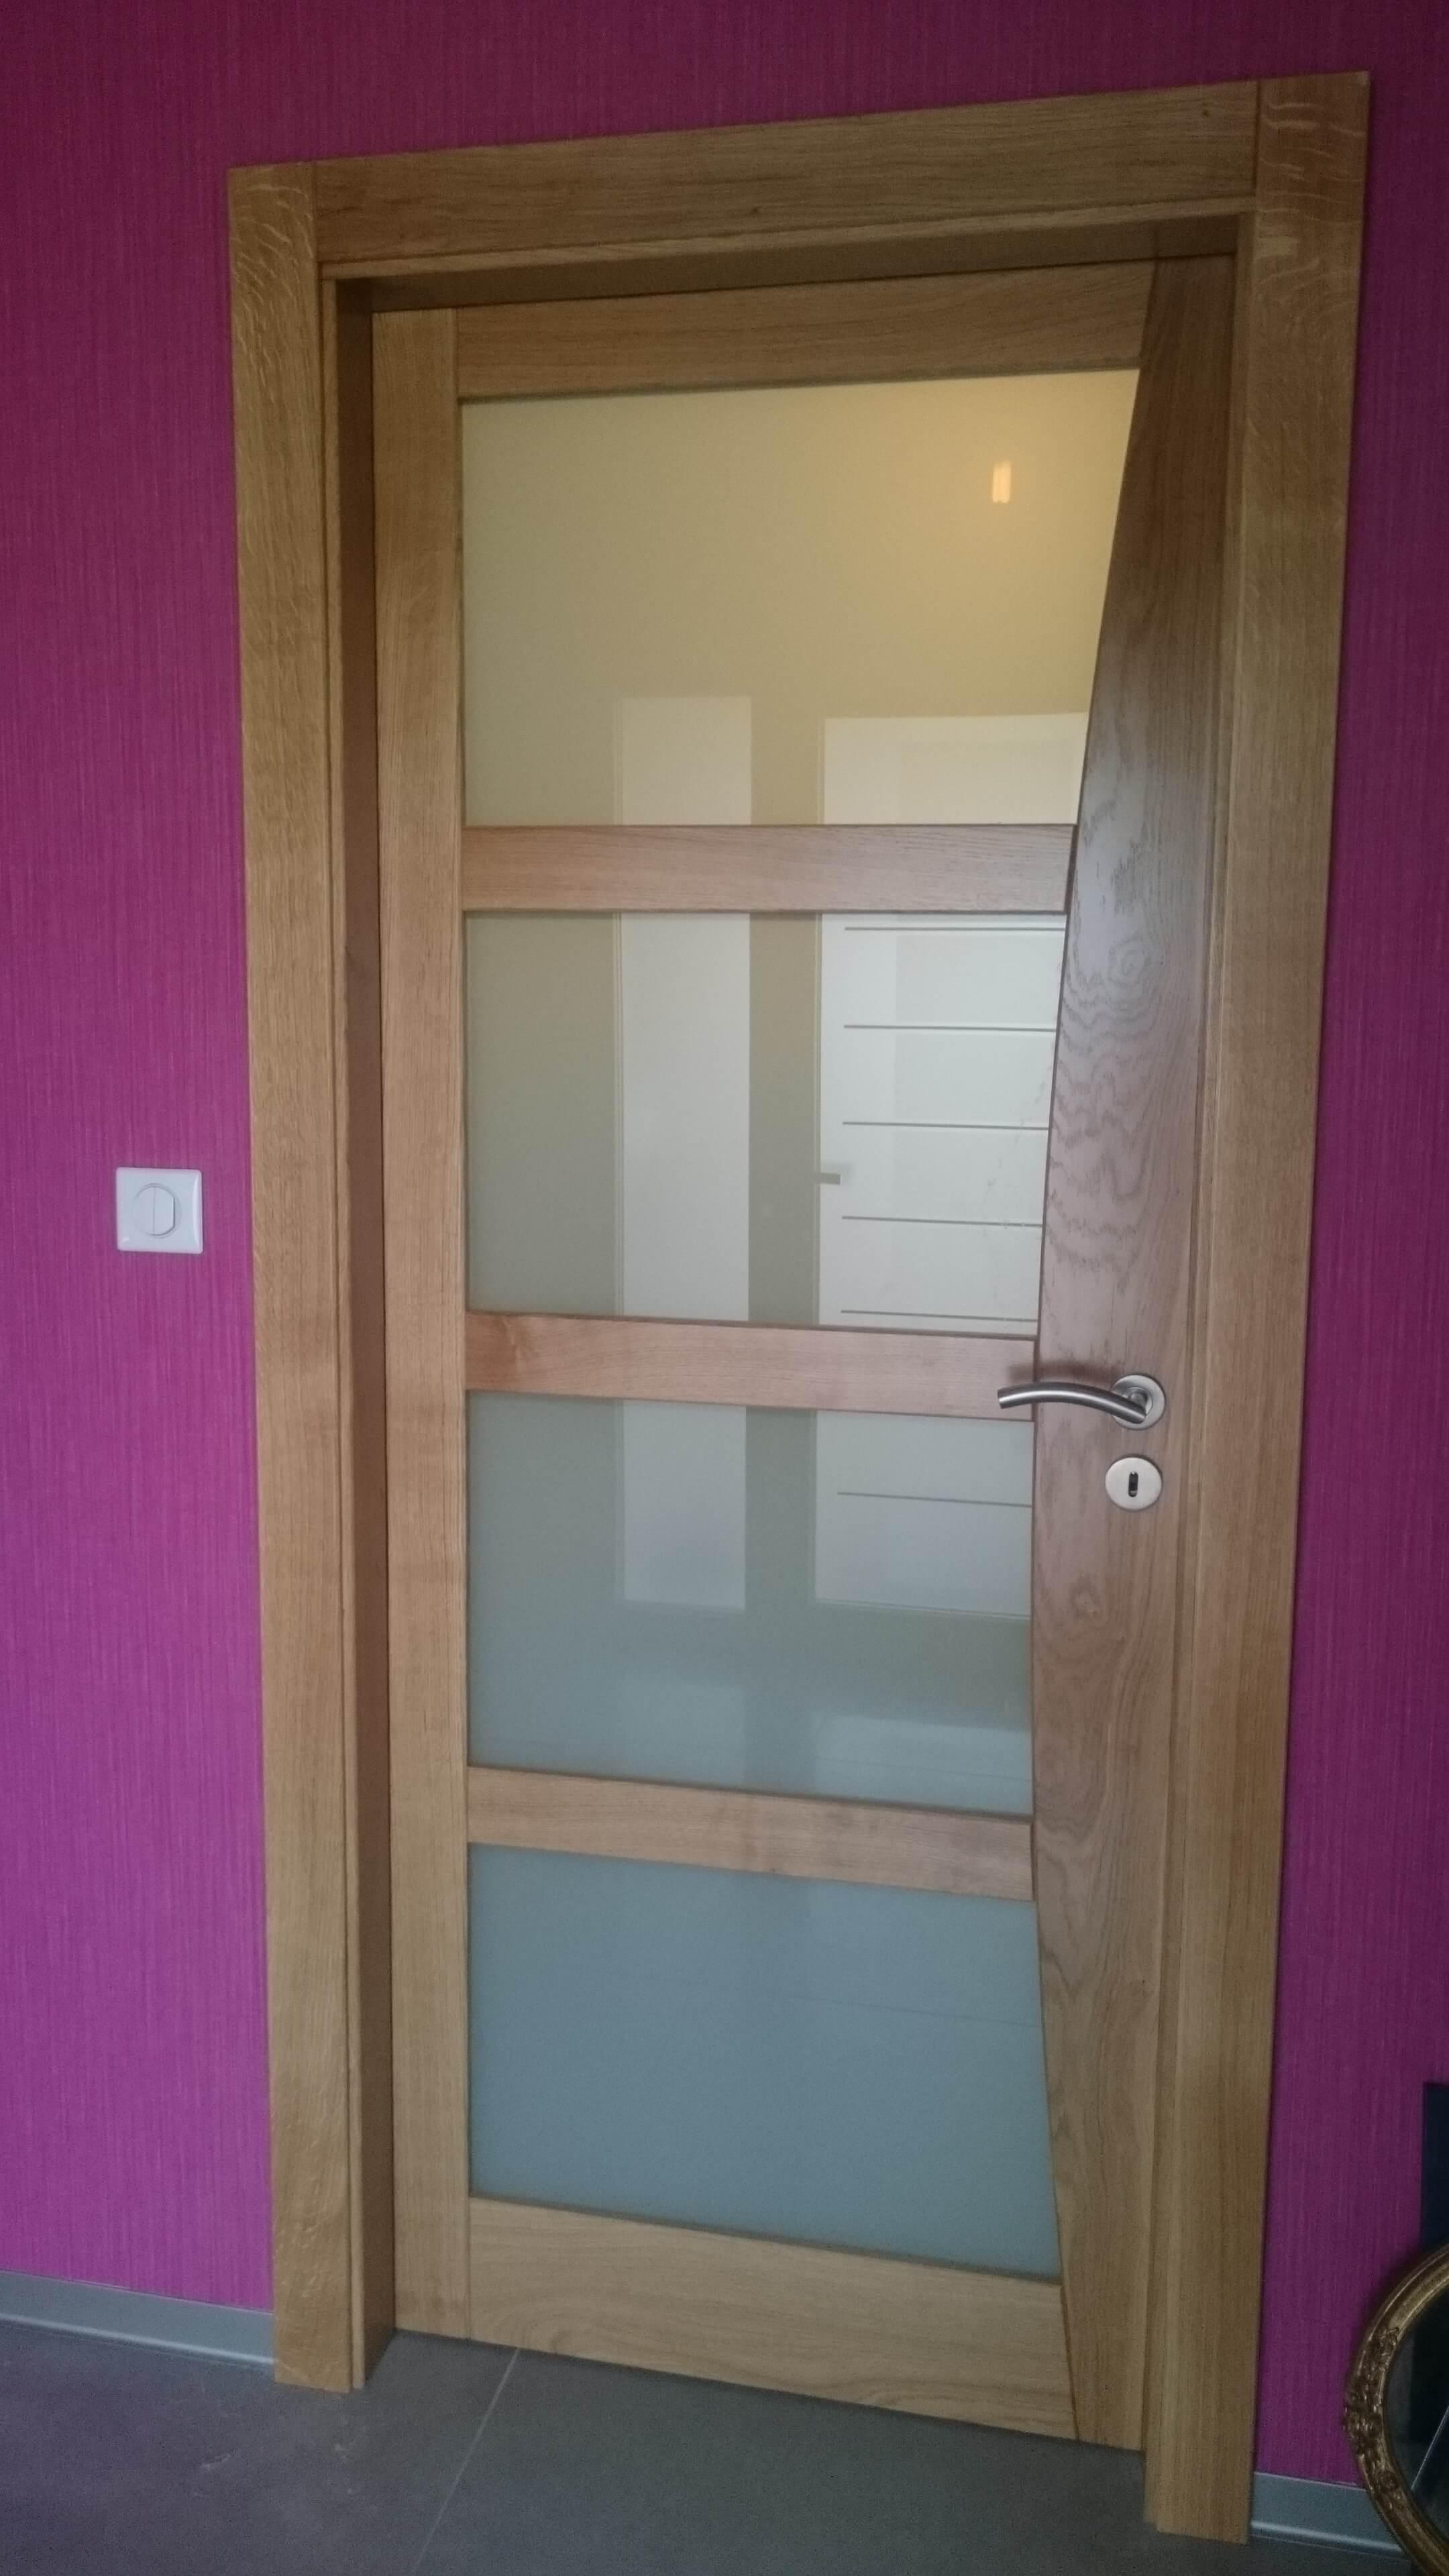 Menuiserie Figard - Fabrication sur mesure - Porte d'intérieur - Chêne vitrage opale- Vesoul